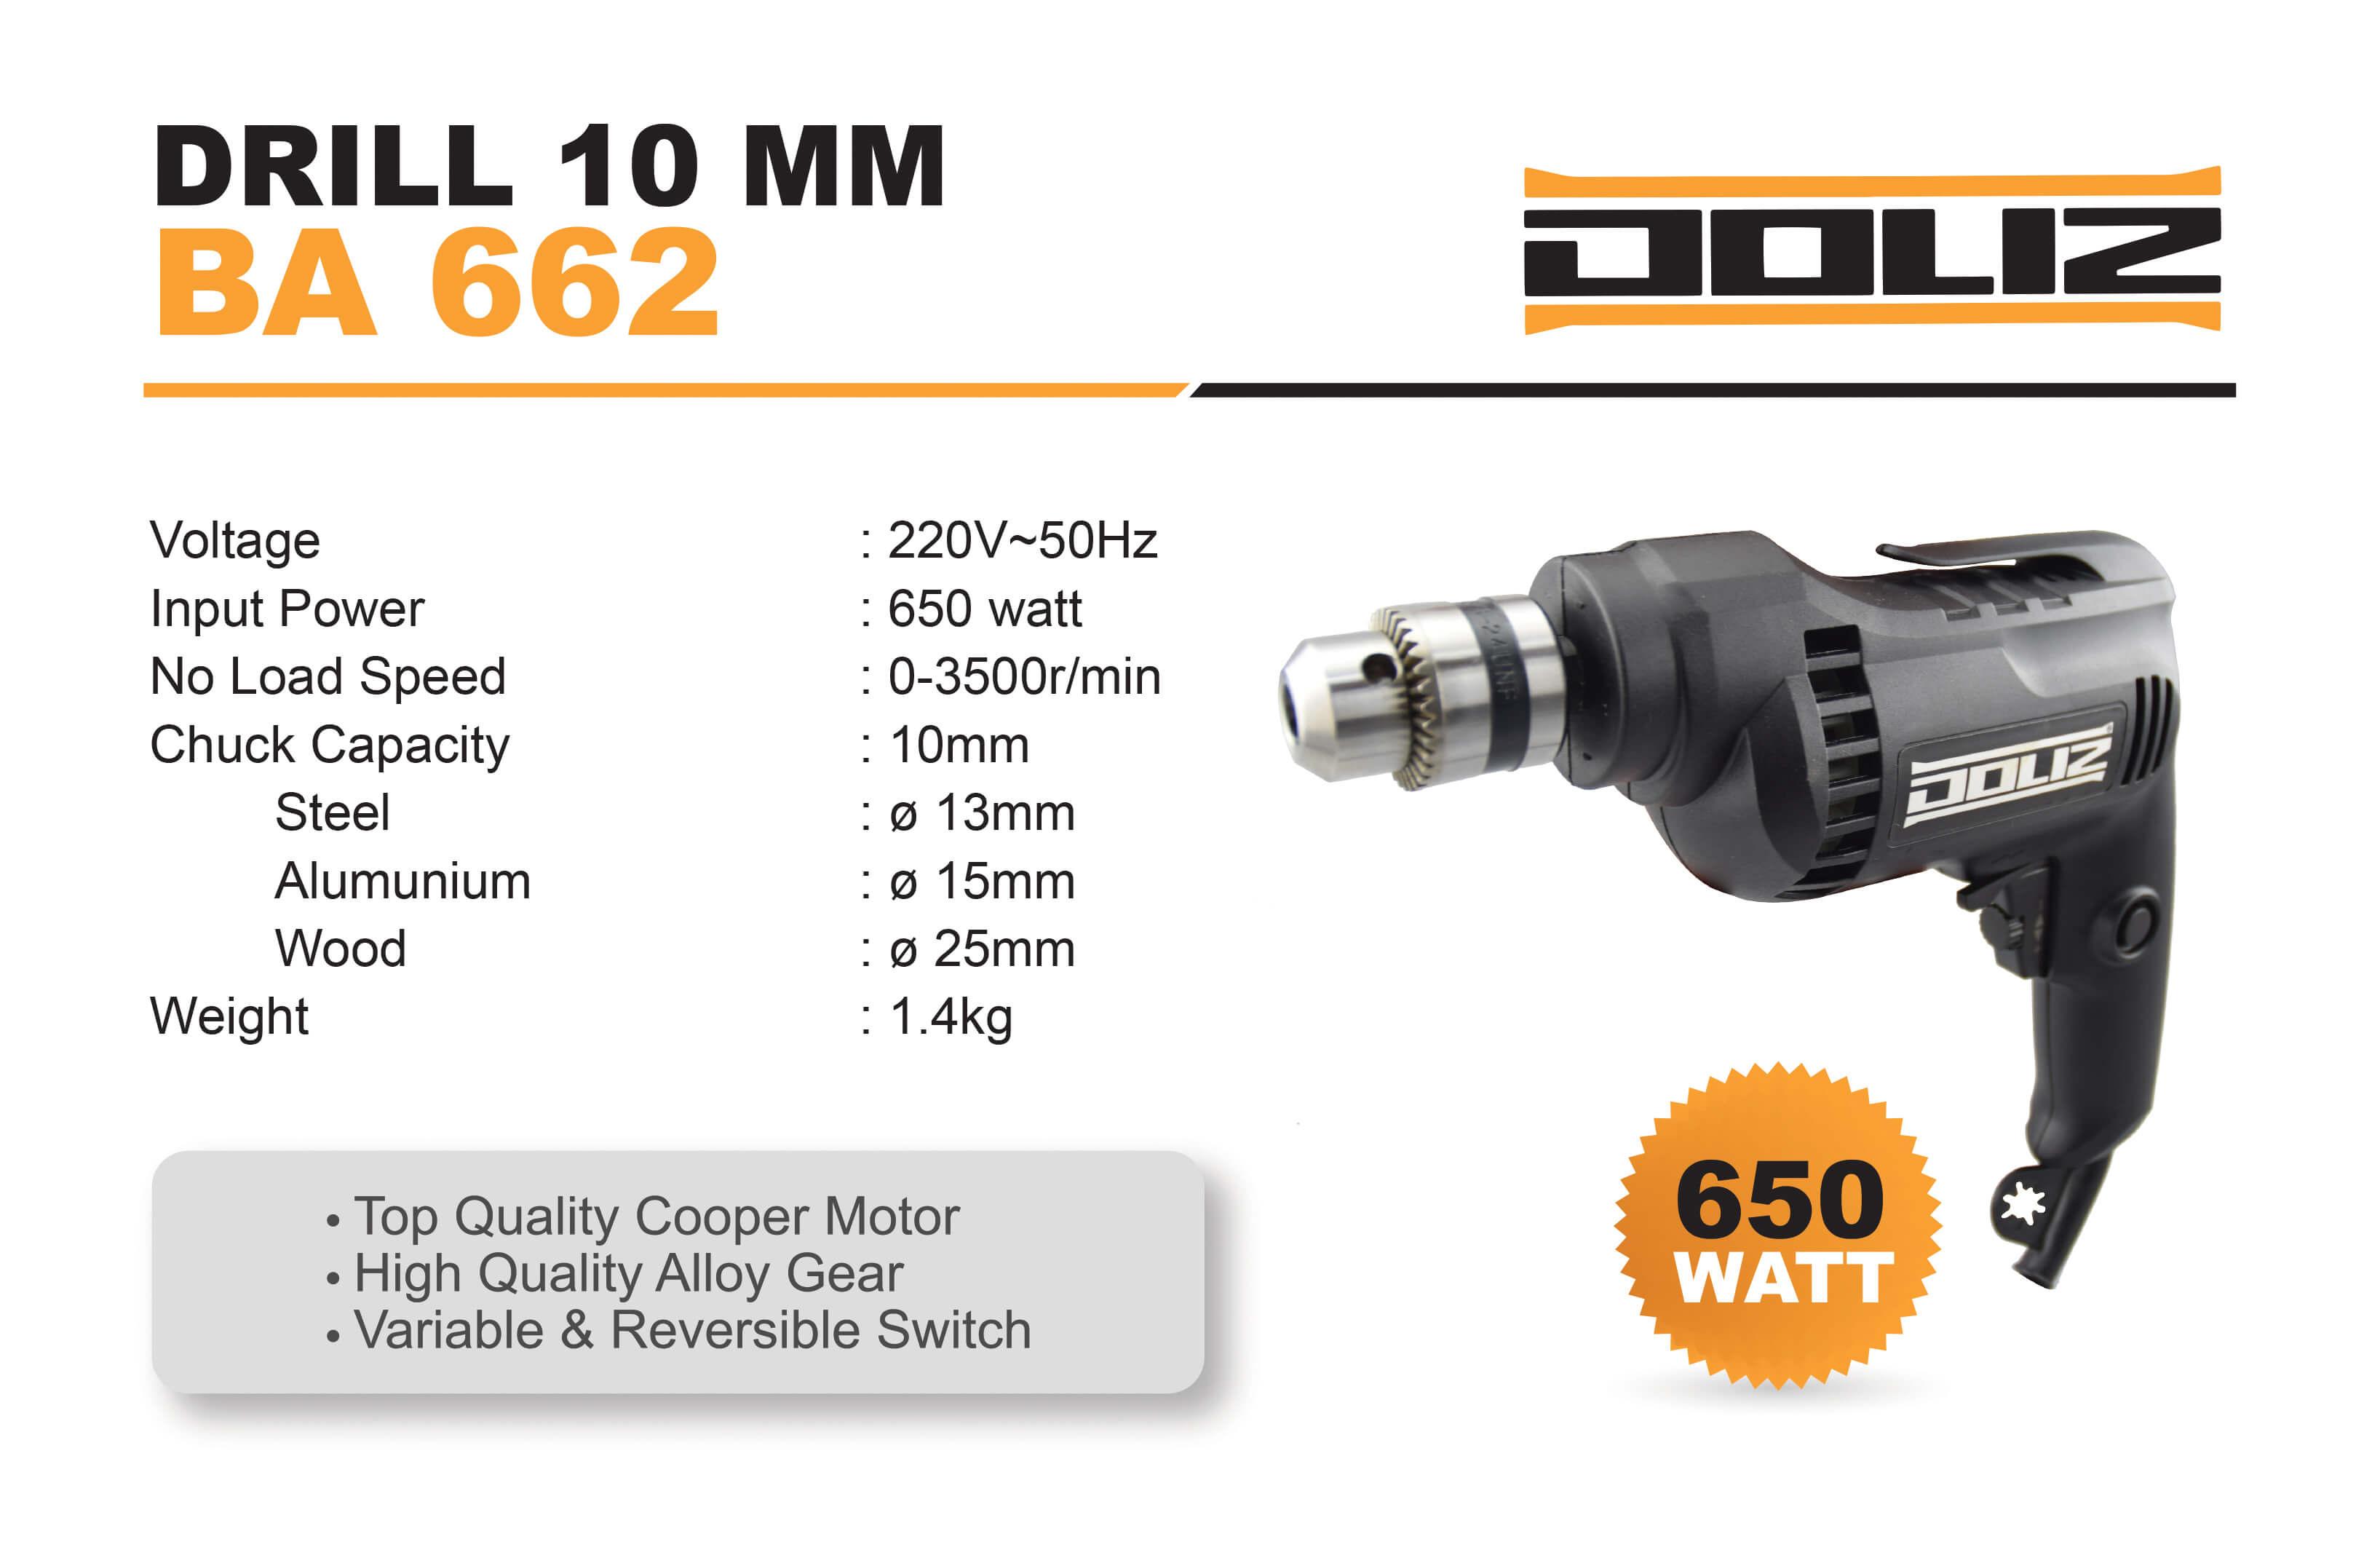 doliz drill ba 662 10 mm